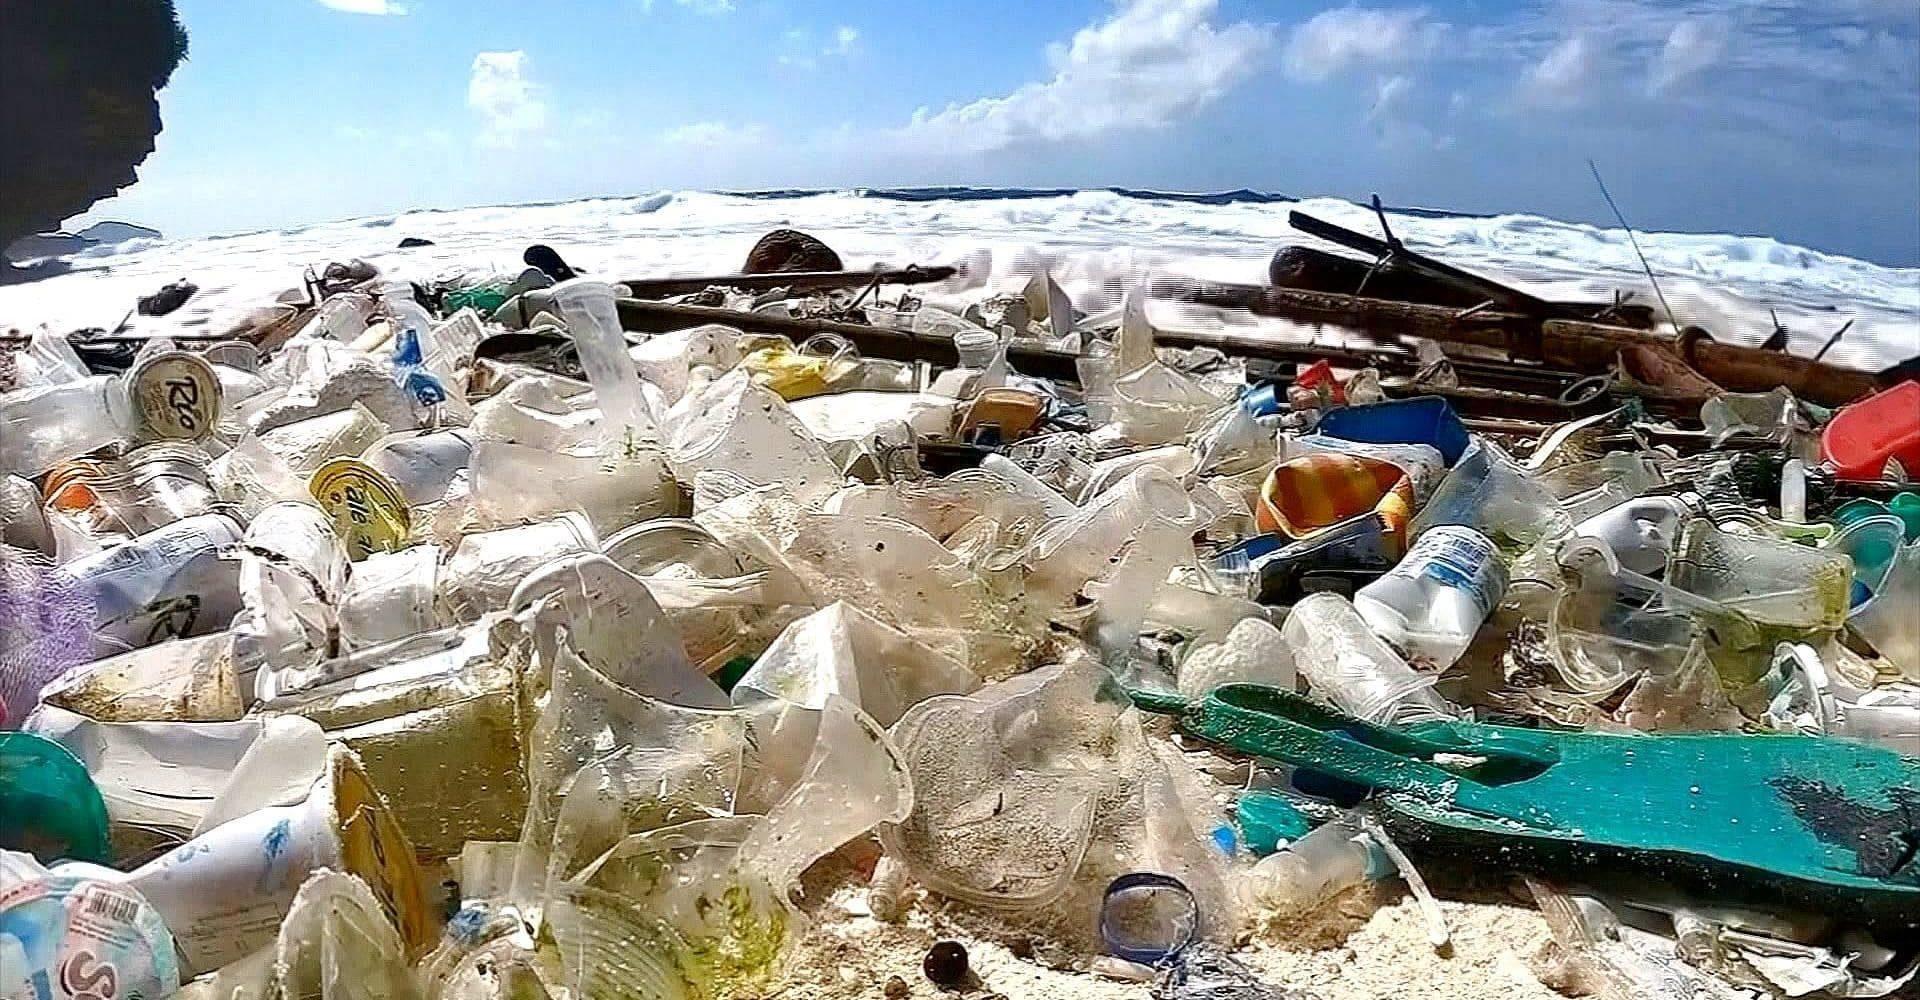 La denuncia WWF: nel Mediterraneo 5 kg di plastica al giorno ogni km di costa